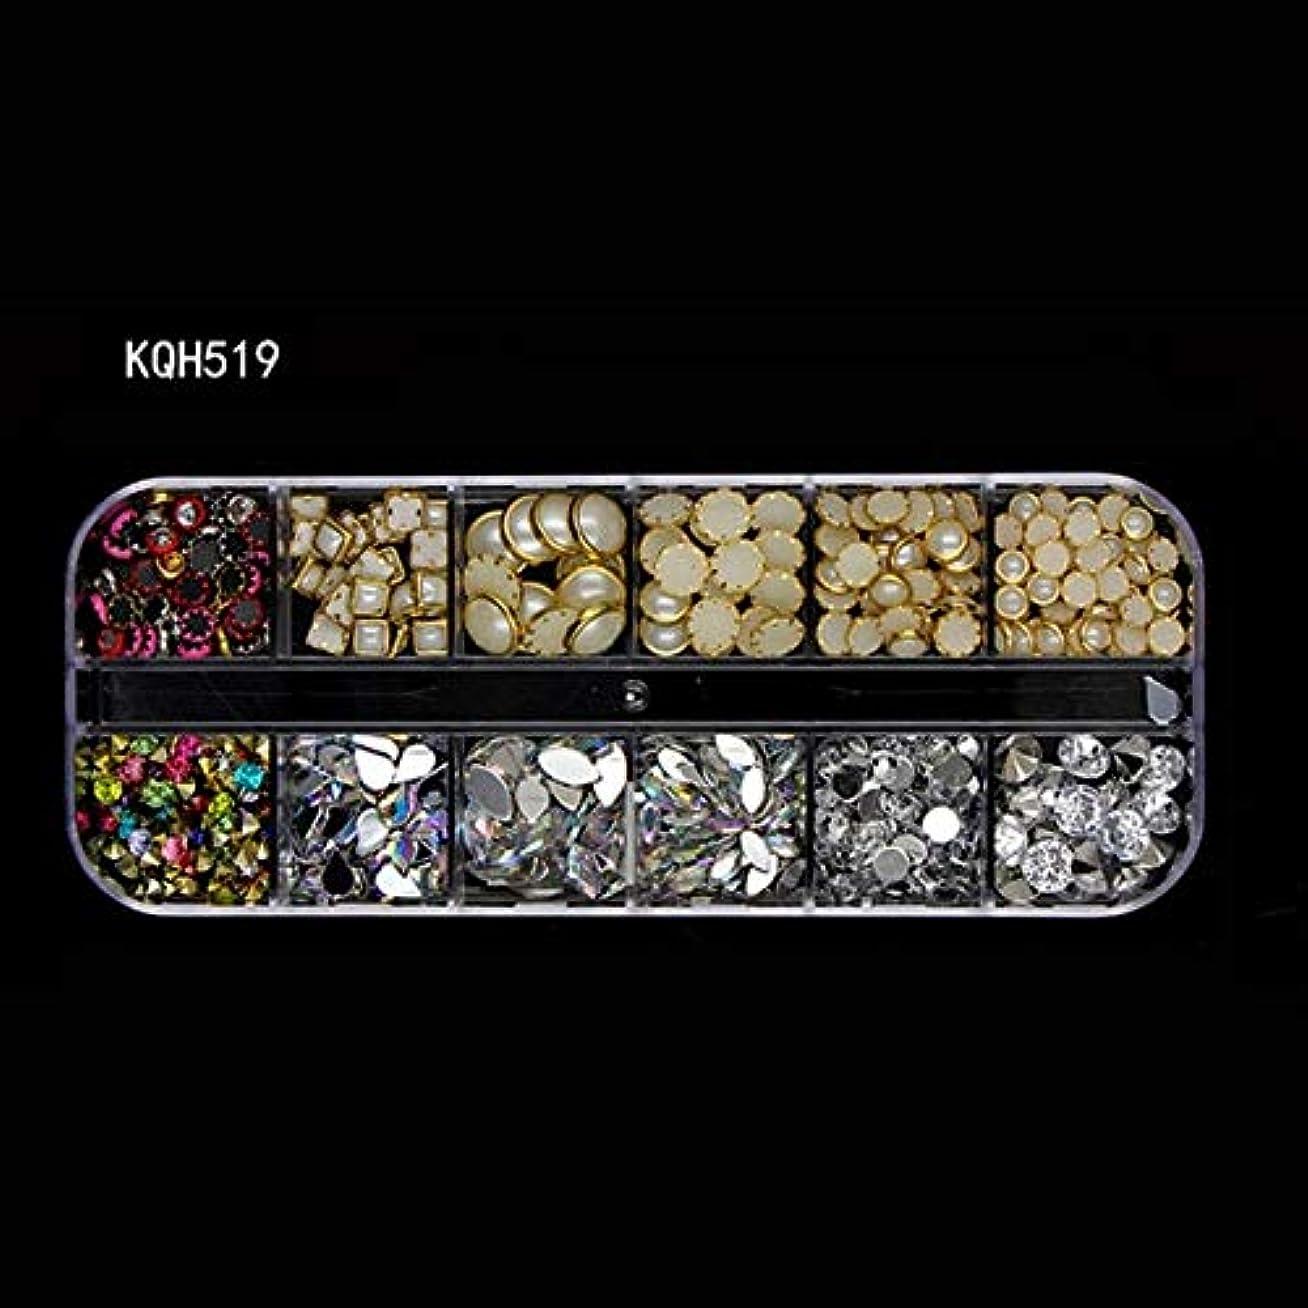 それにもかかわらず国ゴミ箱を空にするYan 3ピースラインストーン3dクリスタルクリアストーン宝石真珠diyネイルアートデコレーション(KQH465) (色 : KQH519)